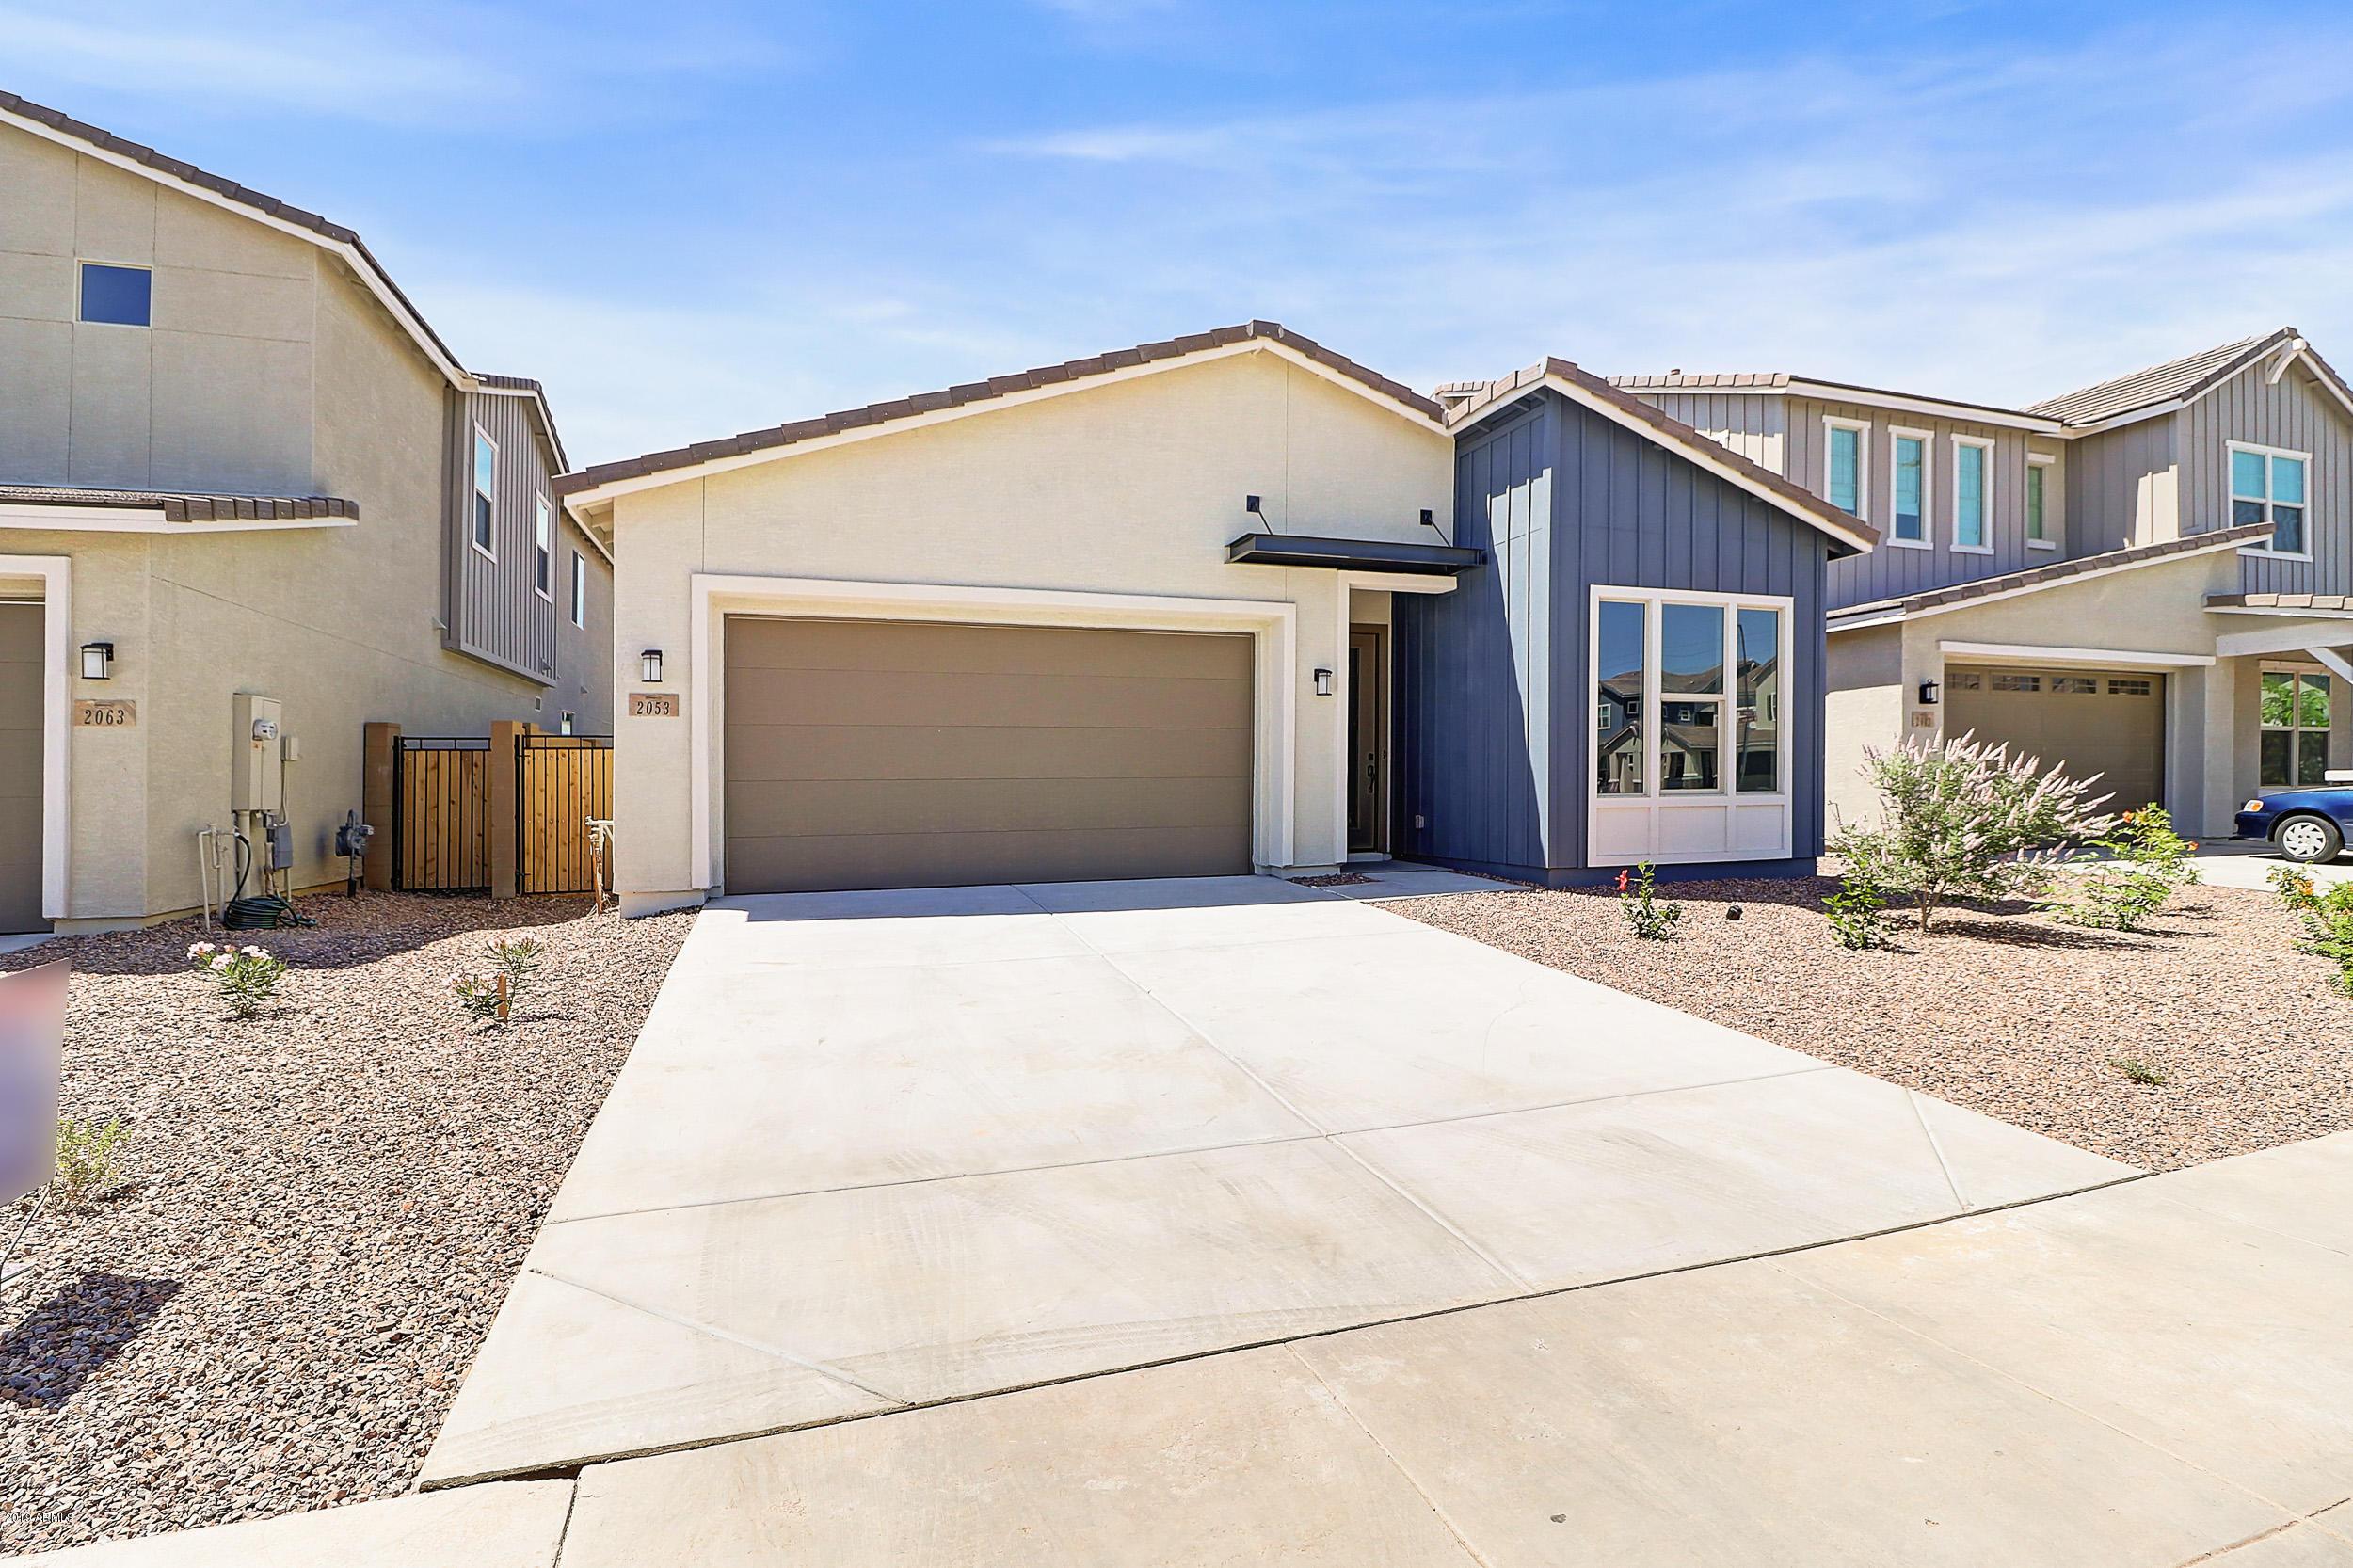 Photo of 2053 E LANTANA Drive, Chandler, AZ 85286